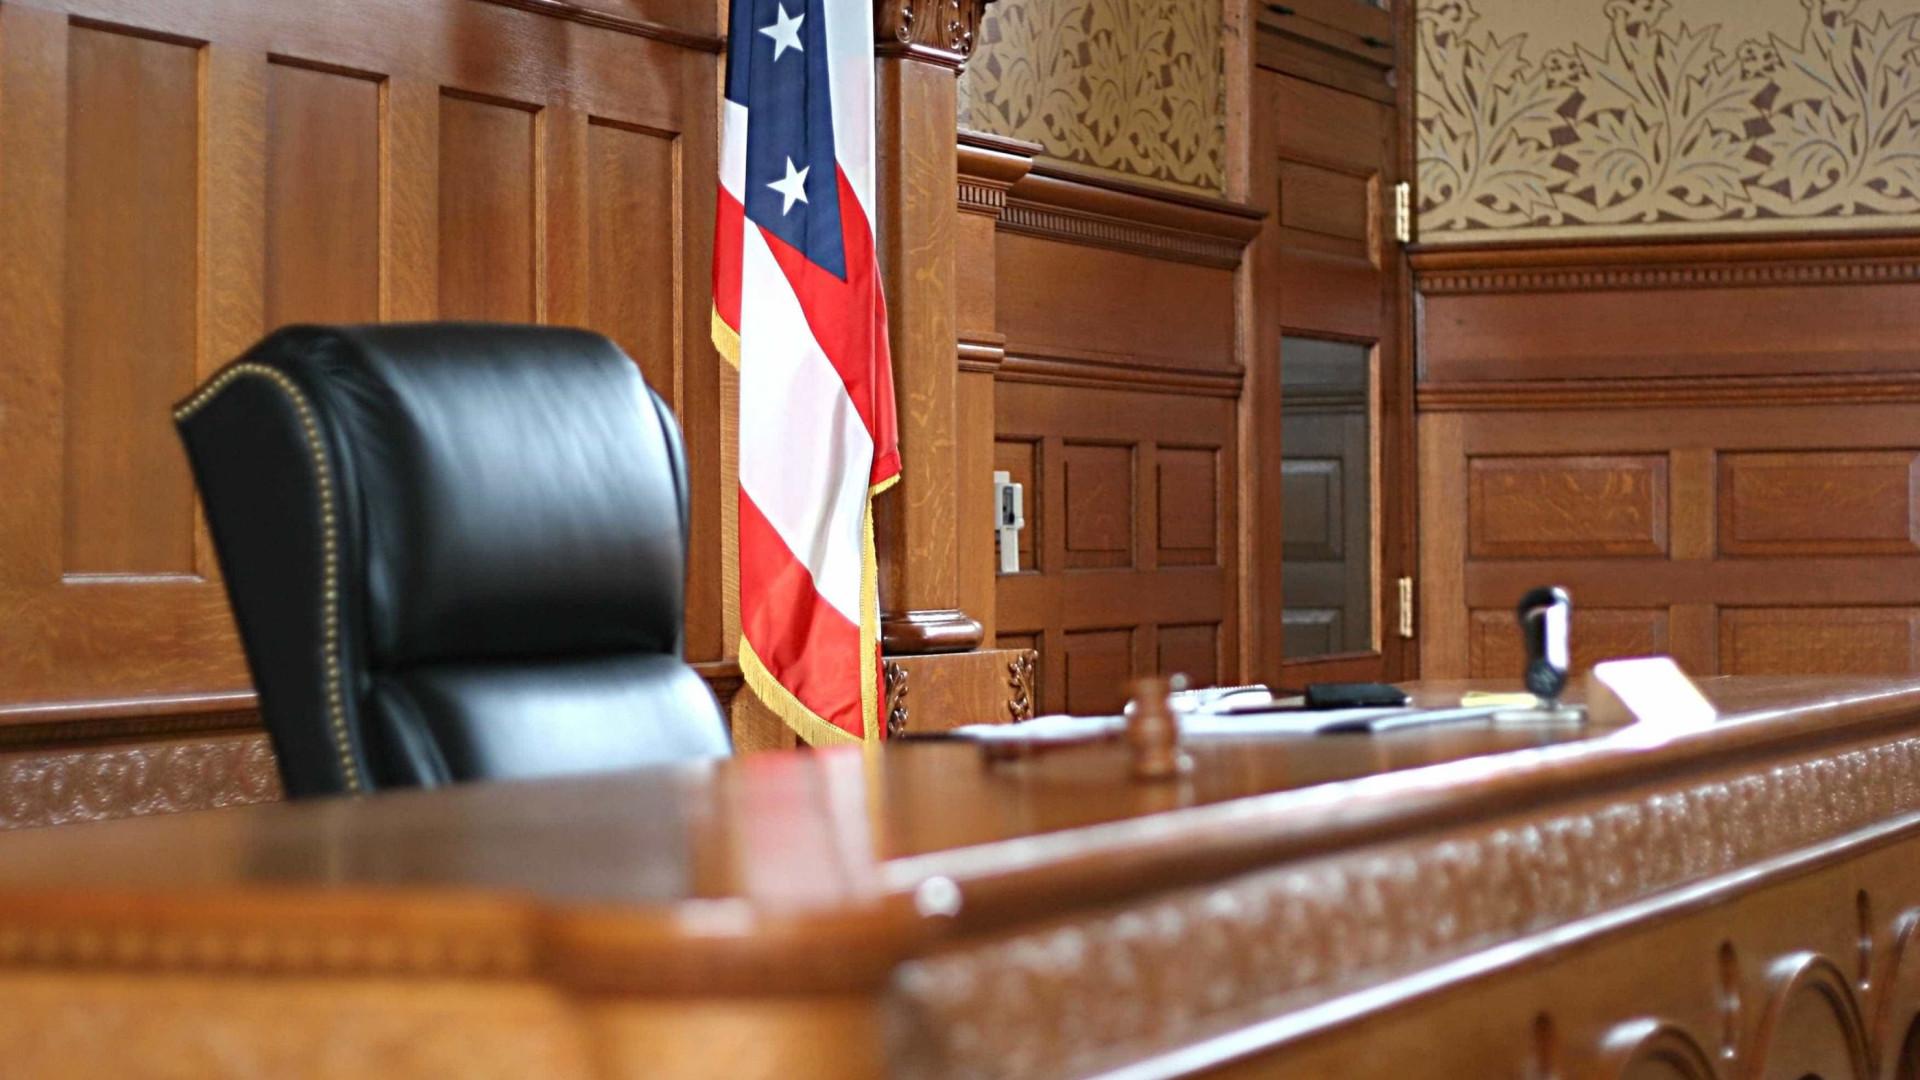 Casos de imigração representam 52% dos processos judiciais nos EUA